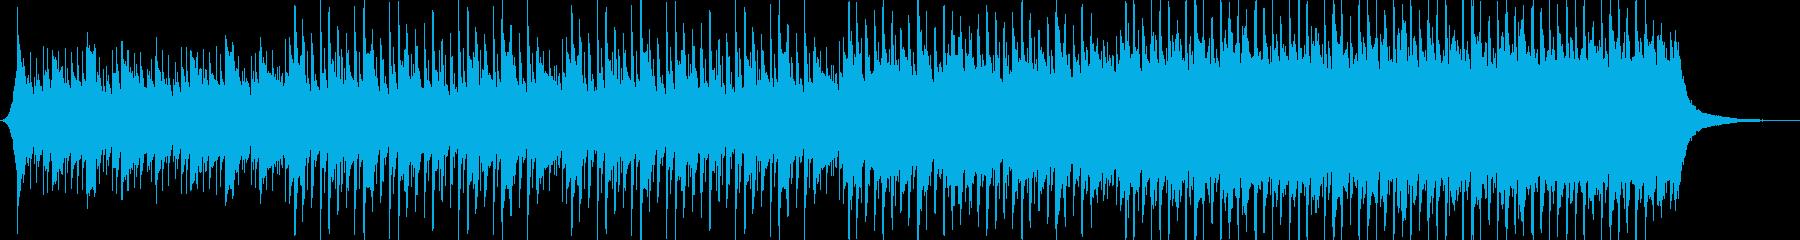 企業VP系113、爽やかギター4つ打ちbの再生済みの波形